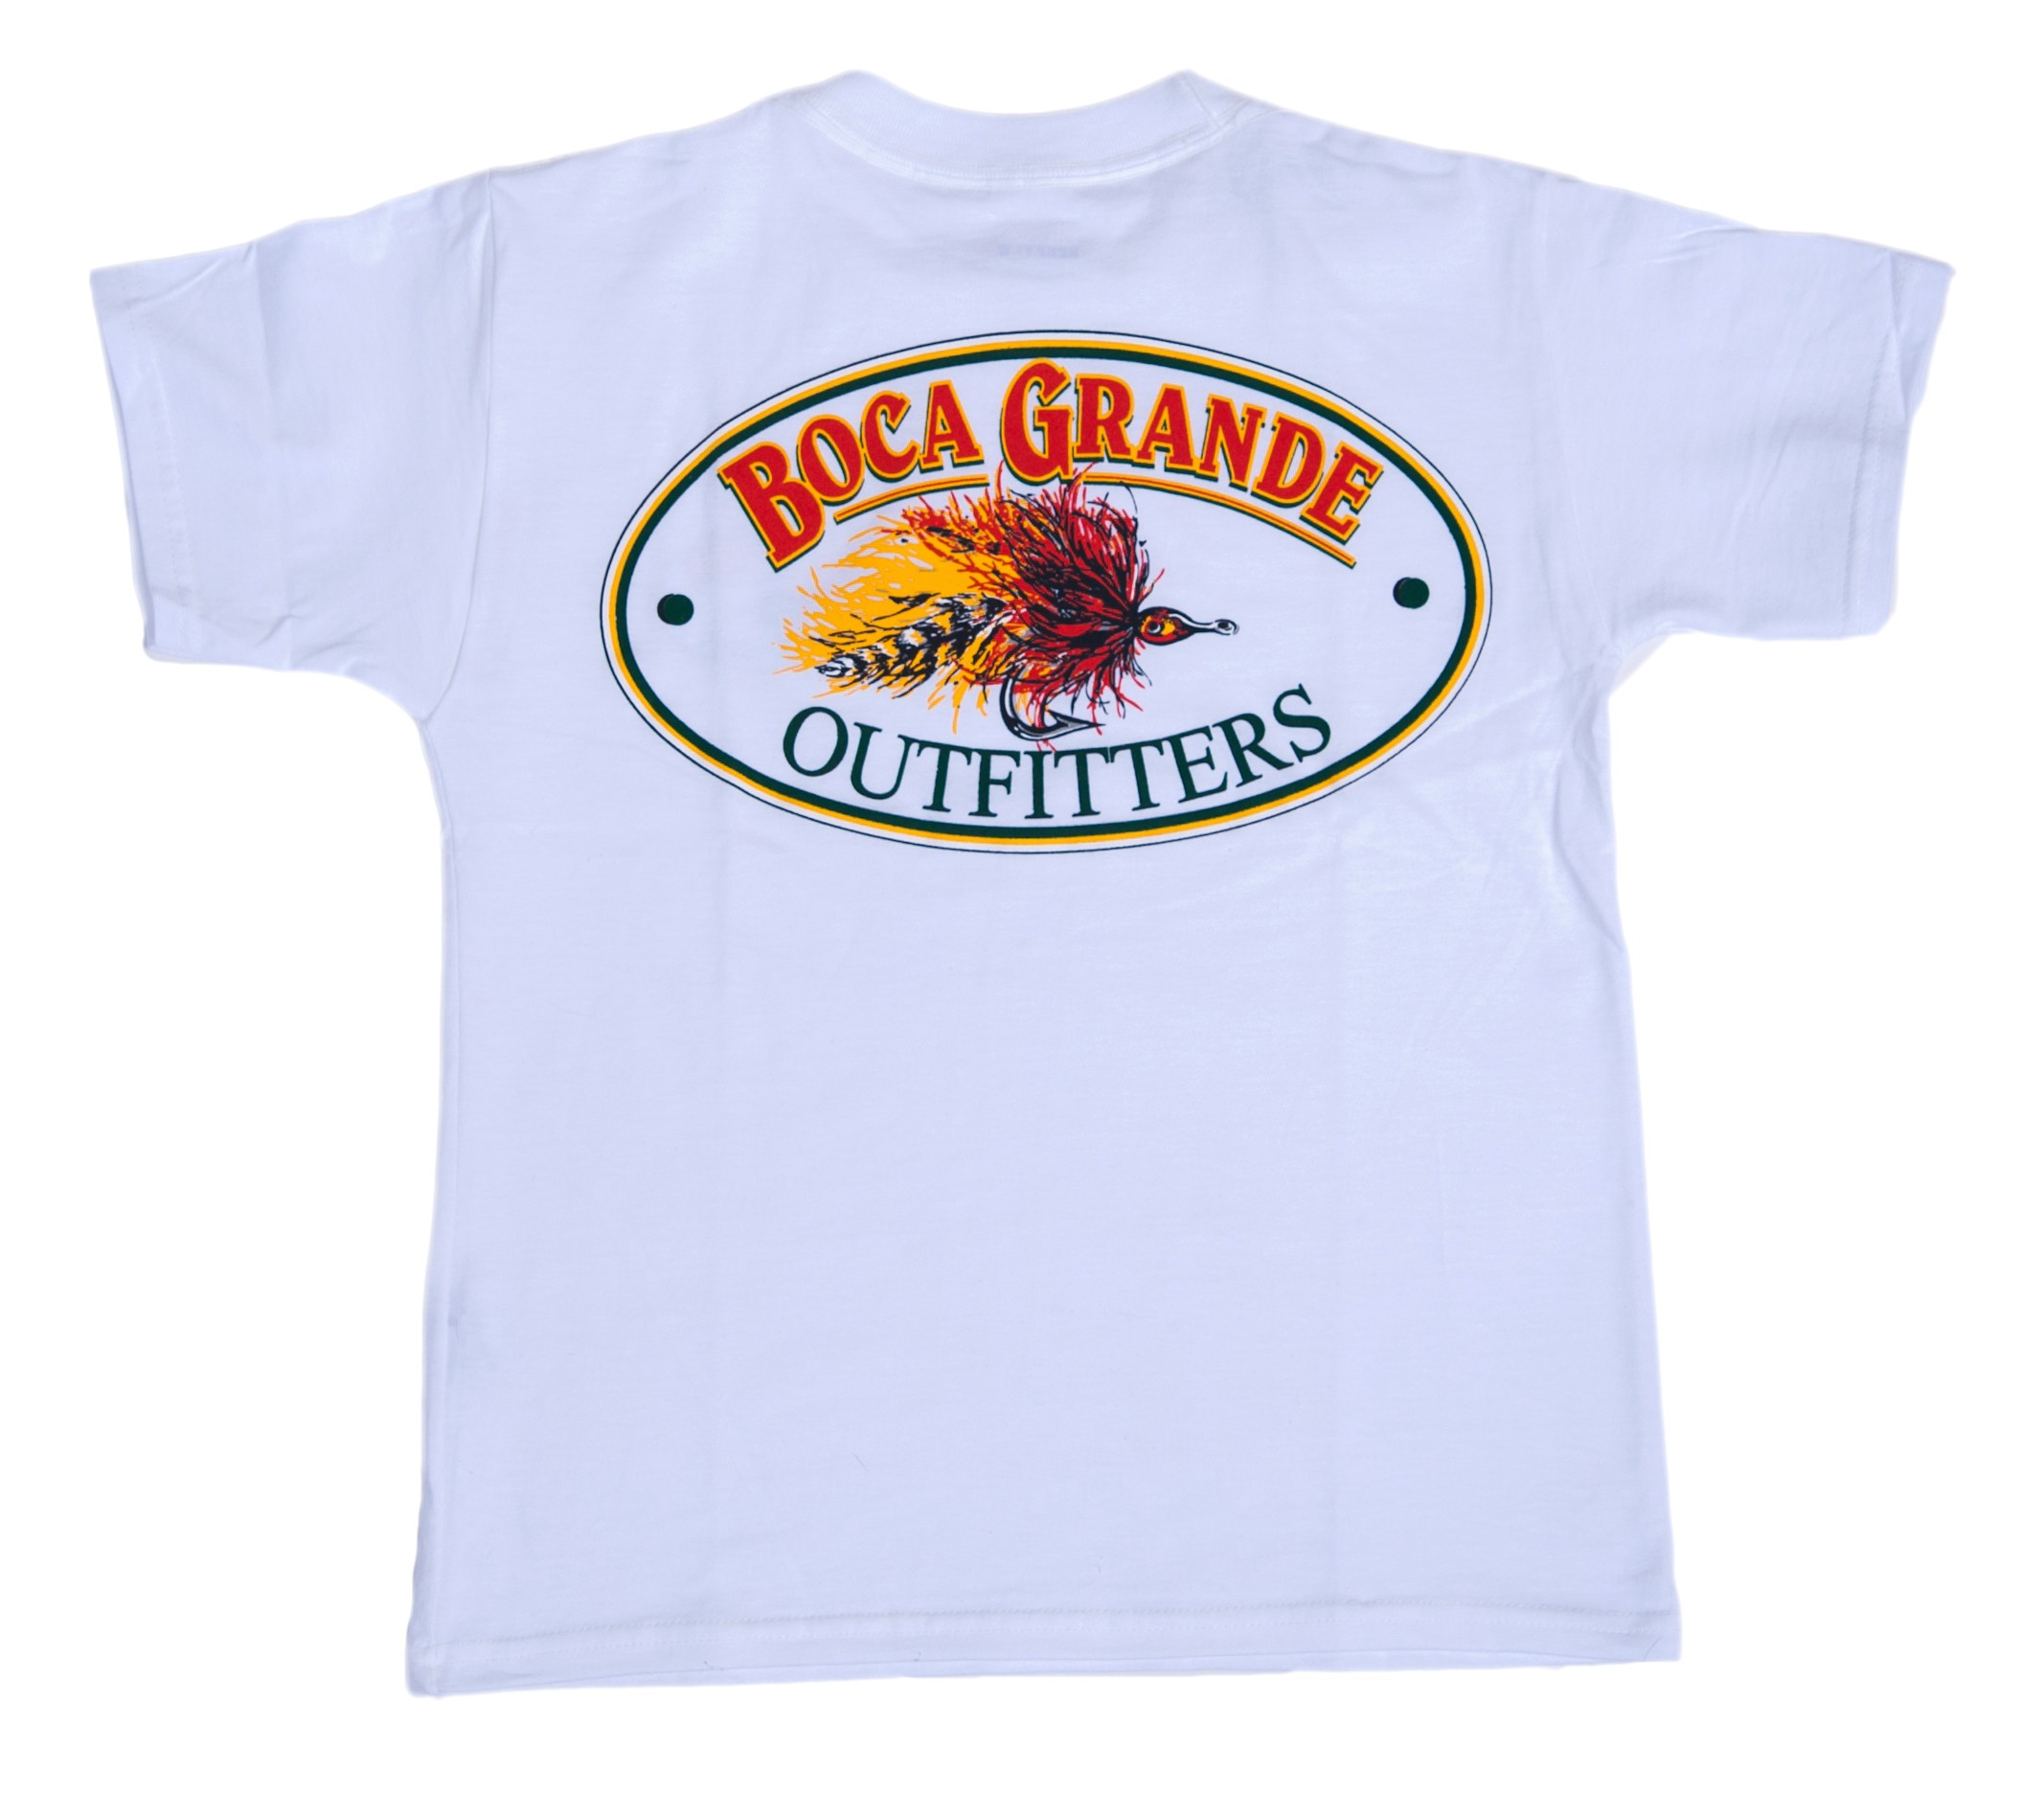 Boca Grande Outfitters Kids Short Sleeved Fly Logo T-Shirt White